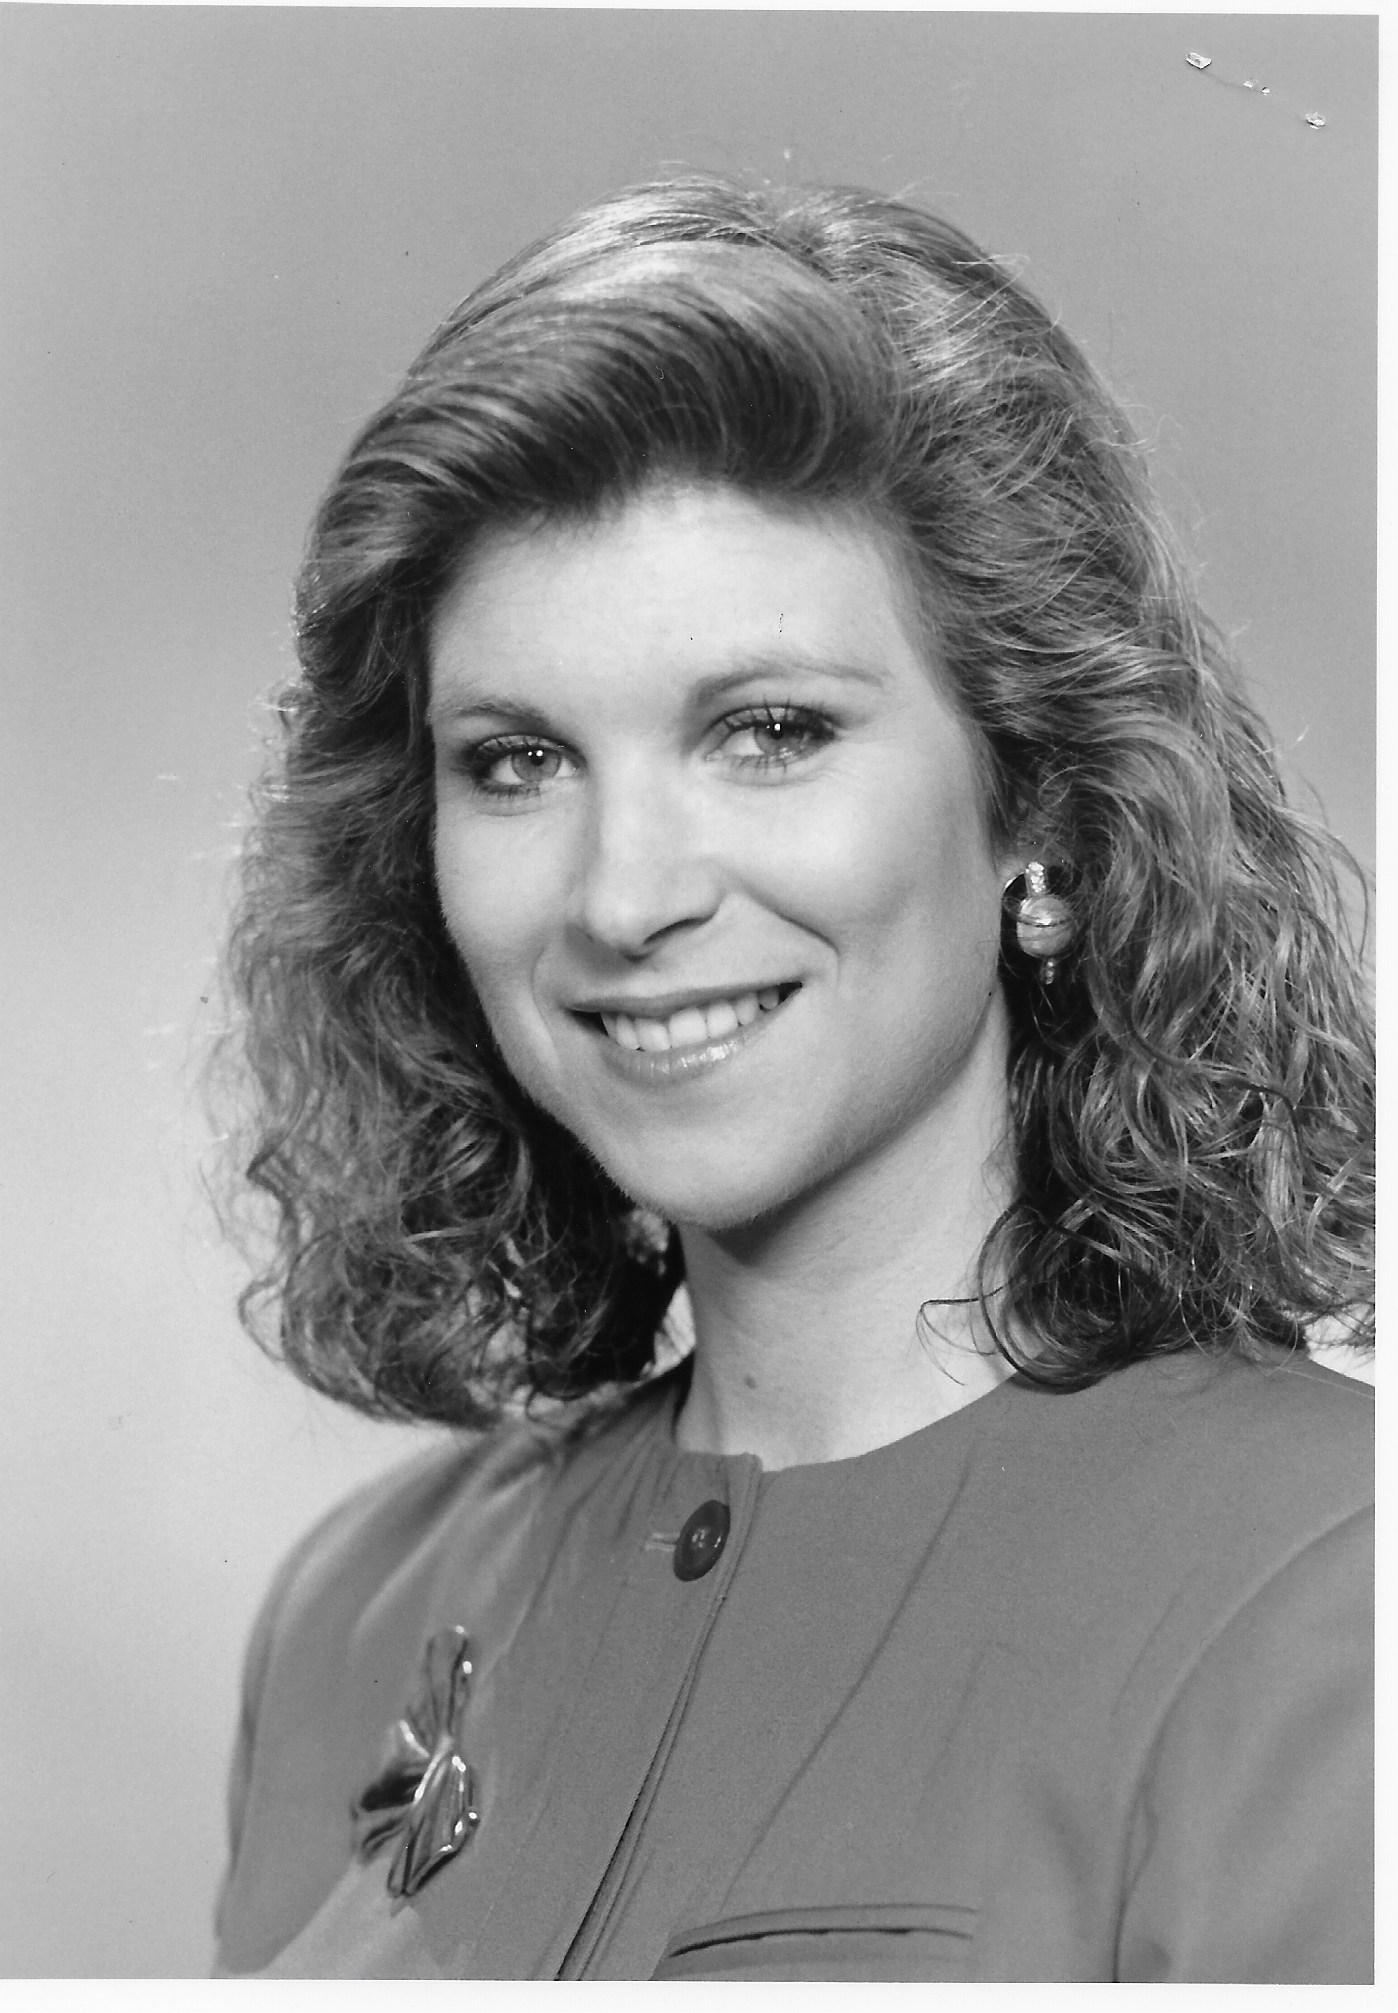 1986 -1990  WHIO DAYTON, OH